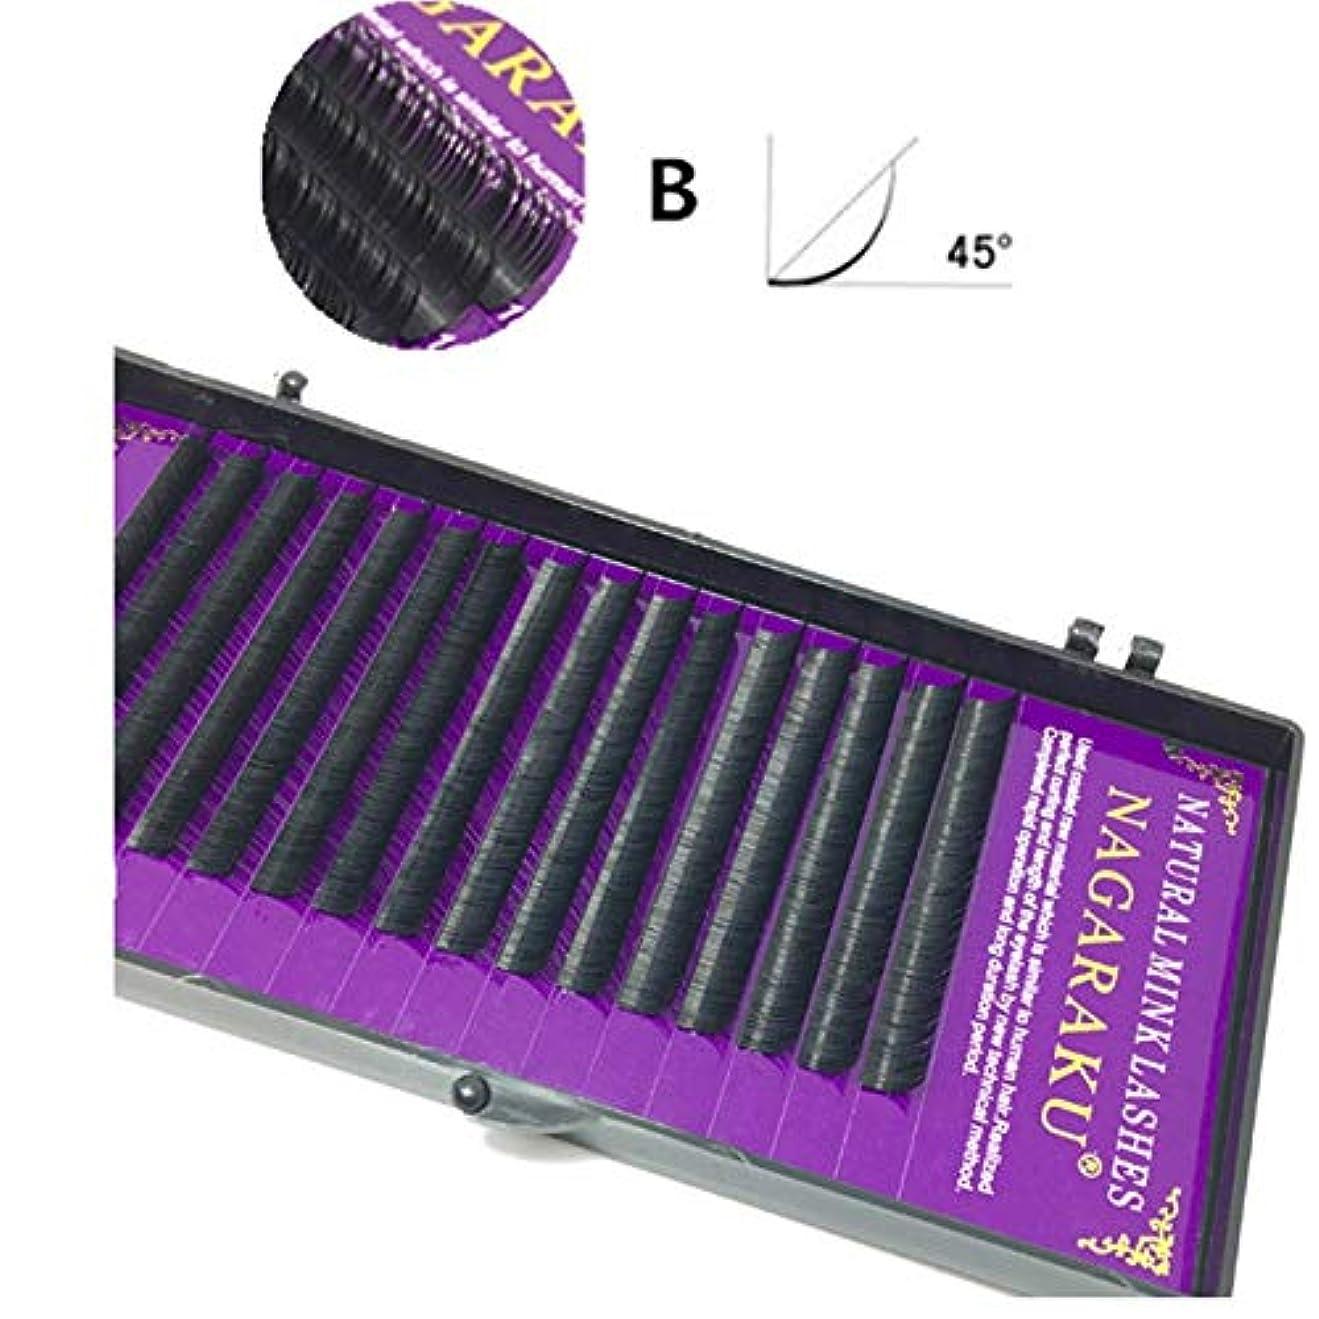 おとなしい安全なアート美容アクセサリー 16行ナチュラルメイクまつ毛黒つけまつげアイまつげエクステンションツール、カール:B、厚さ:0.10 mm(8 mm) 写真美容アクセサリー (色 : 10mm)